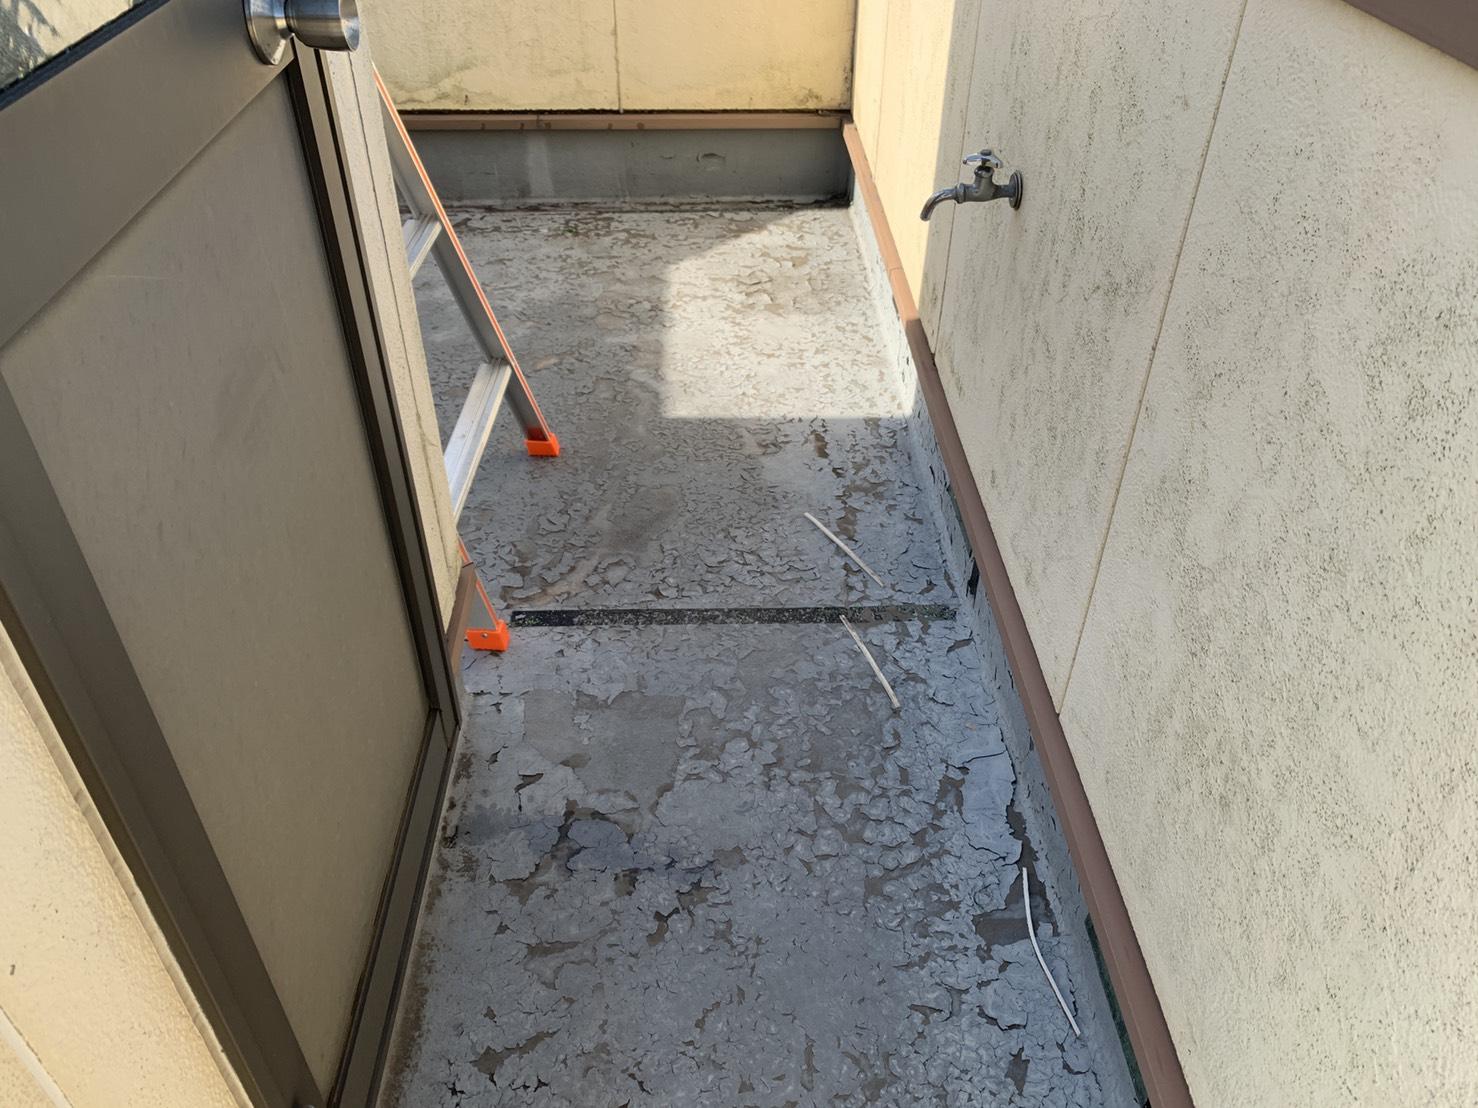 神戸市垂水区での表面がひび割れたベランダ防水の様子